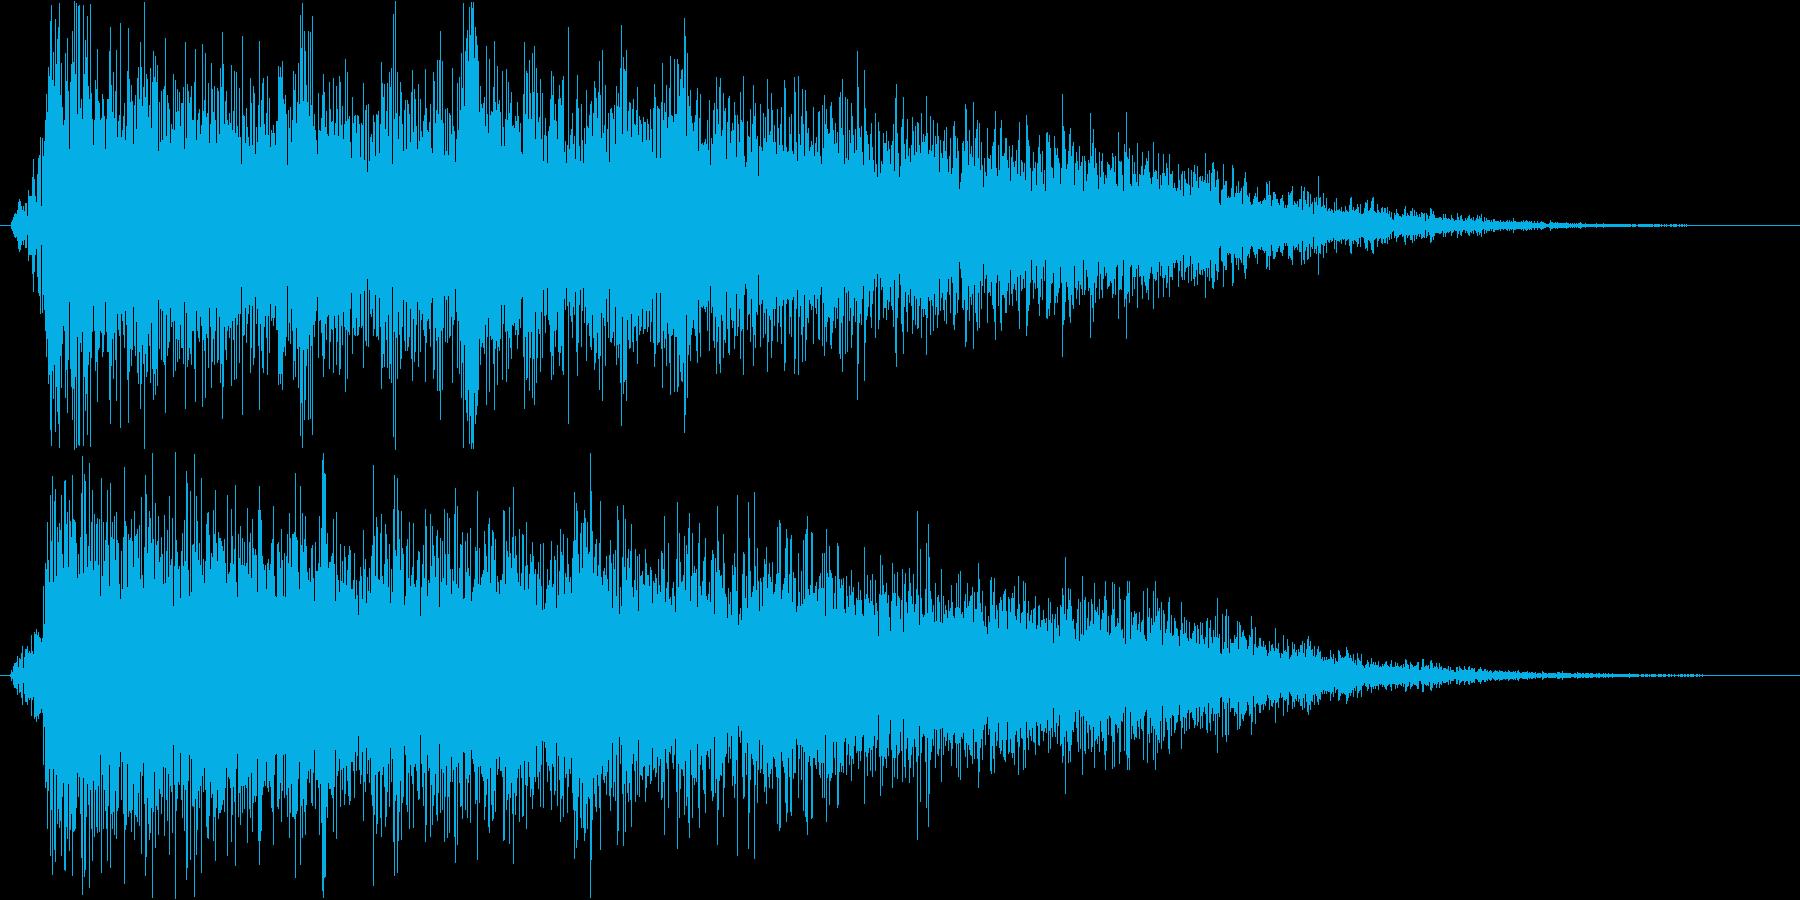 【ガキーン】インパクトのある派手な金属音の再生済みの波形